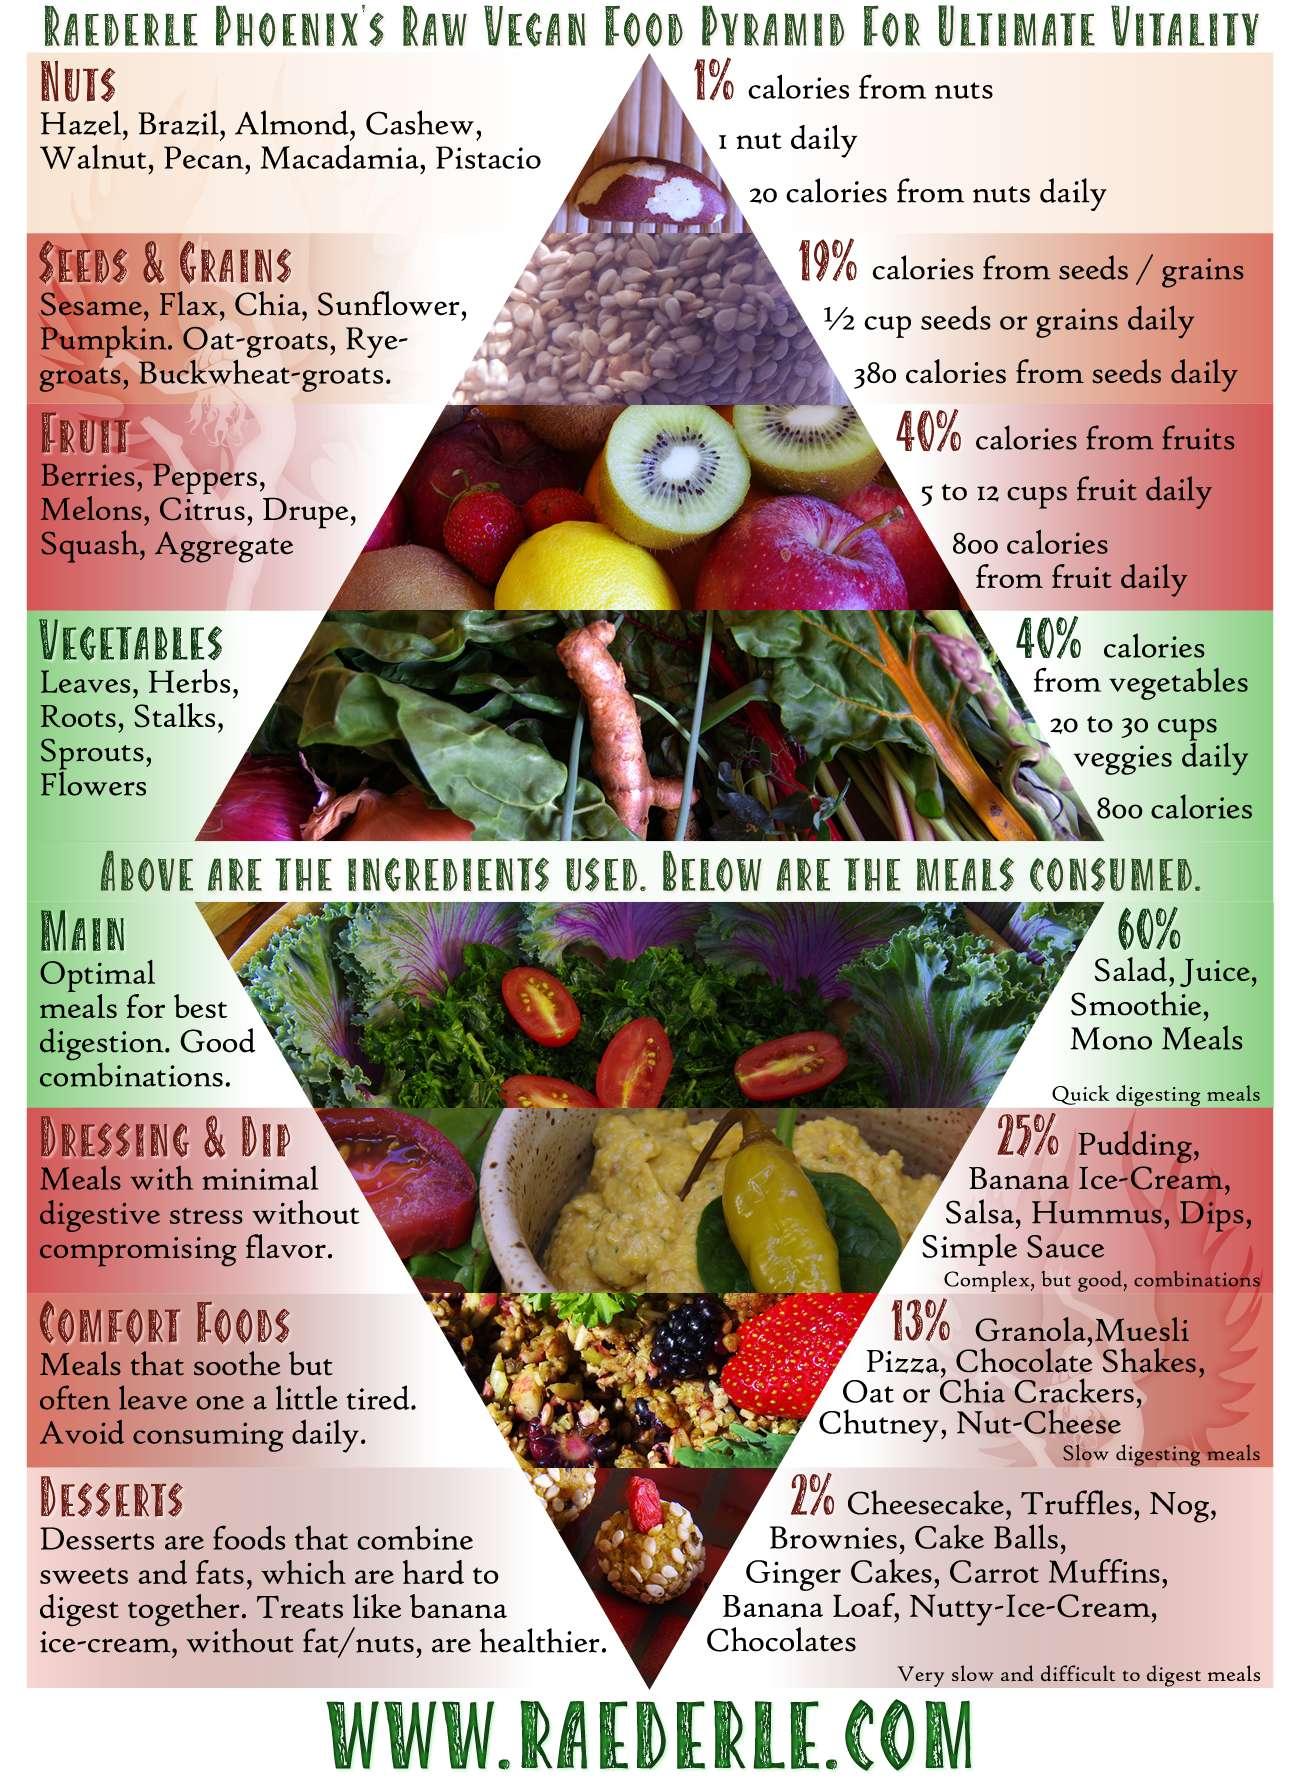 raederle food pyramid